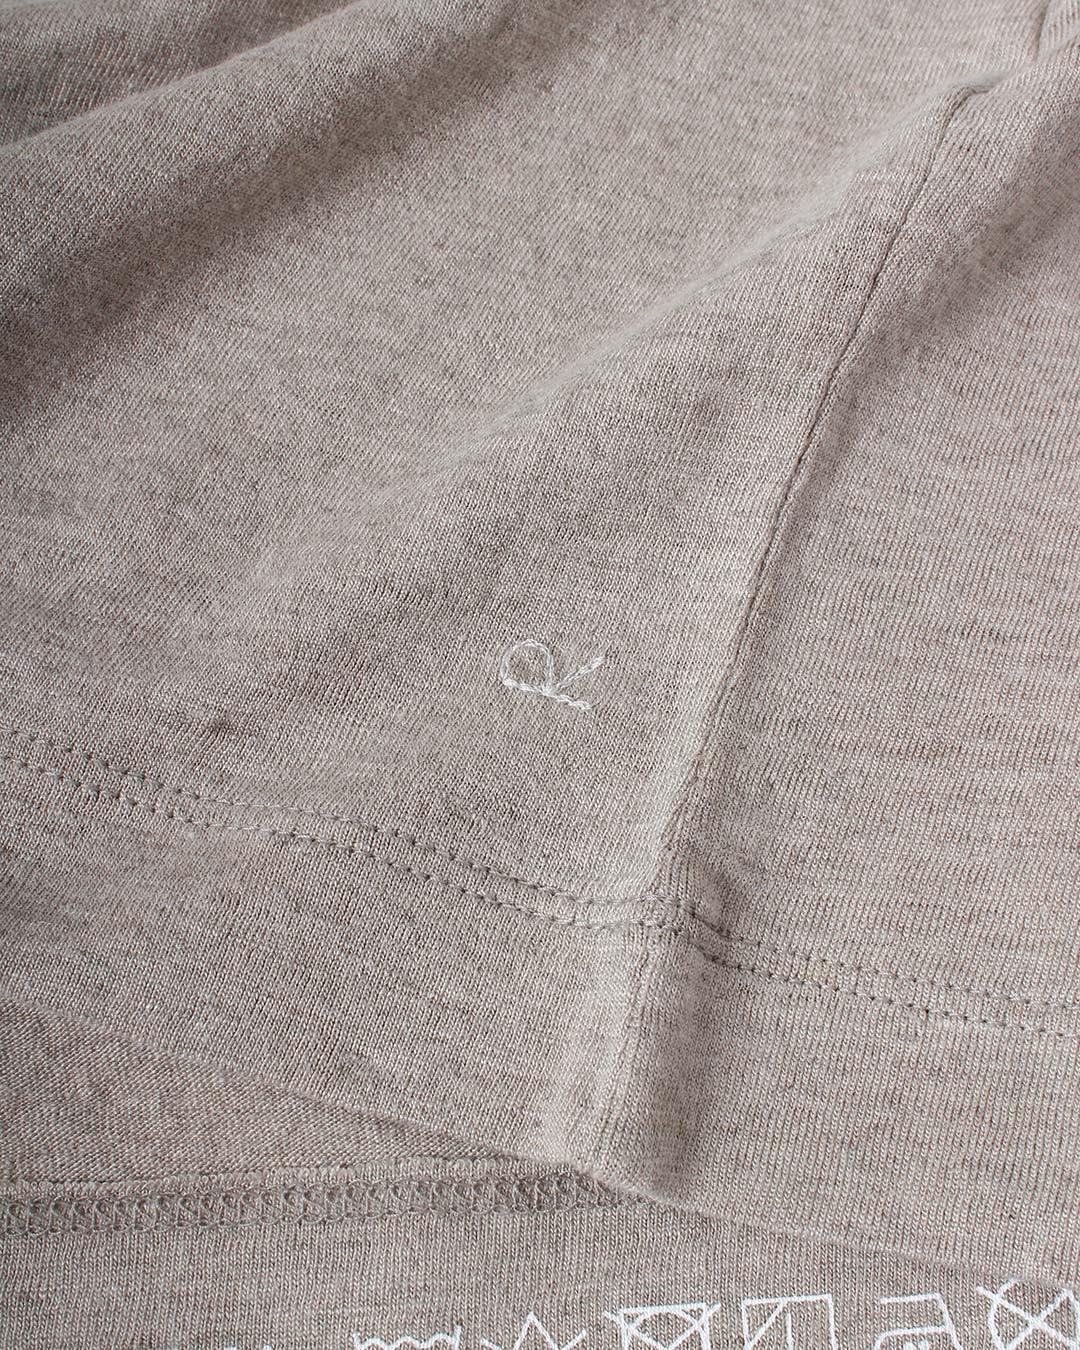 04 - natural linen